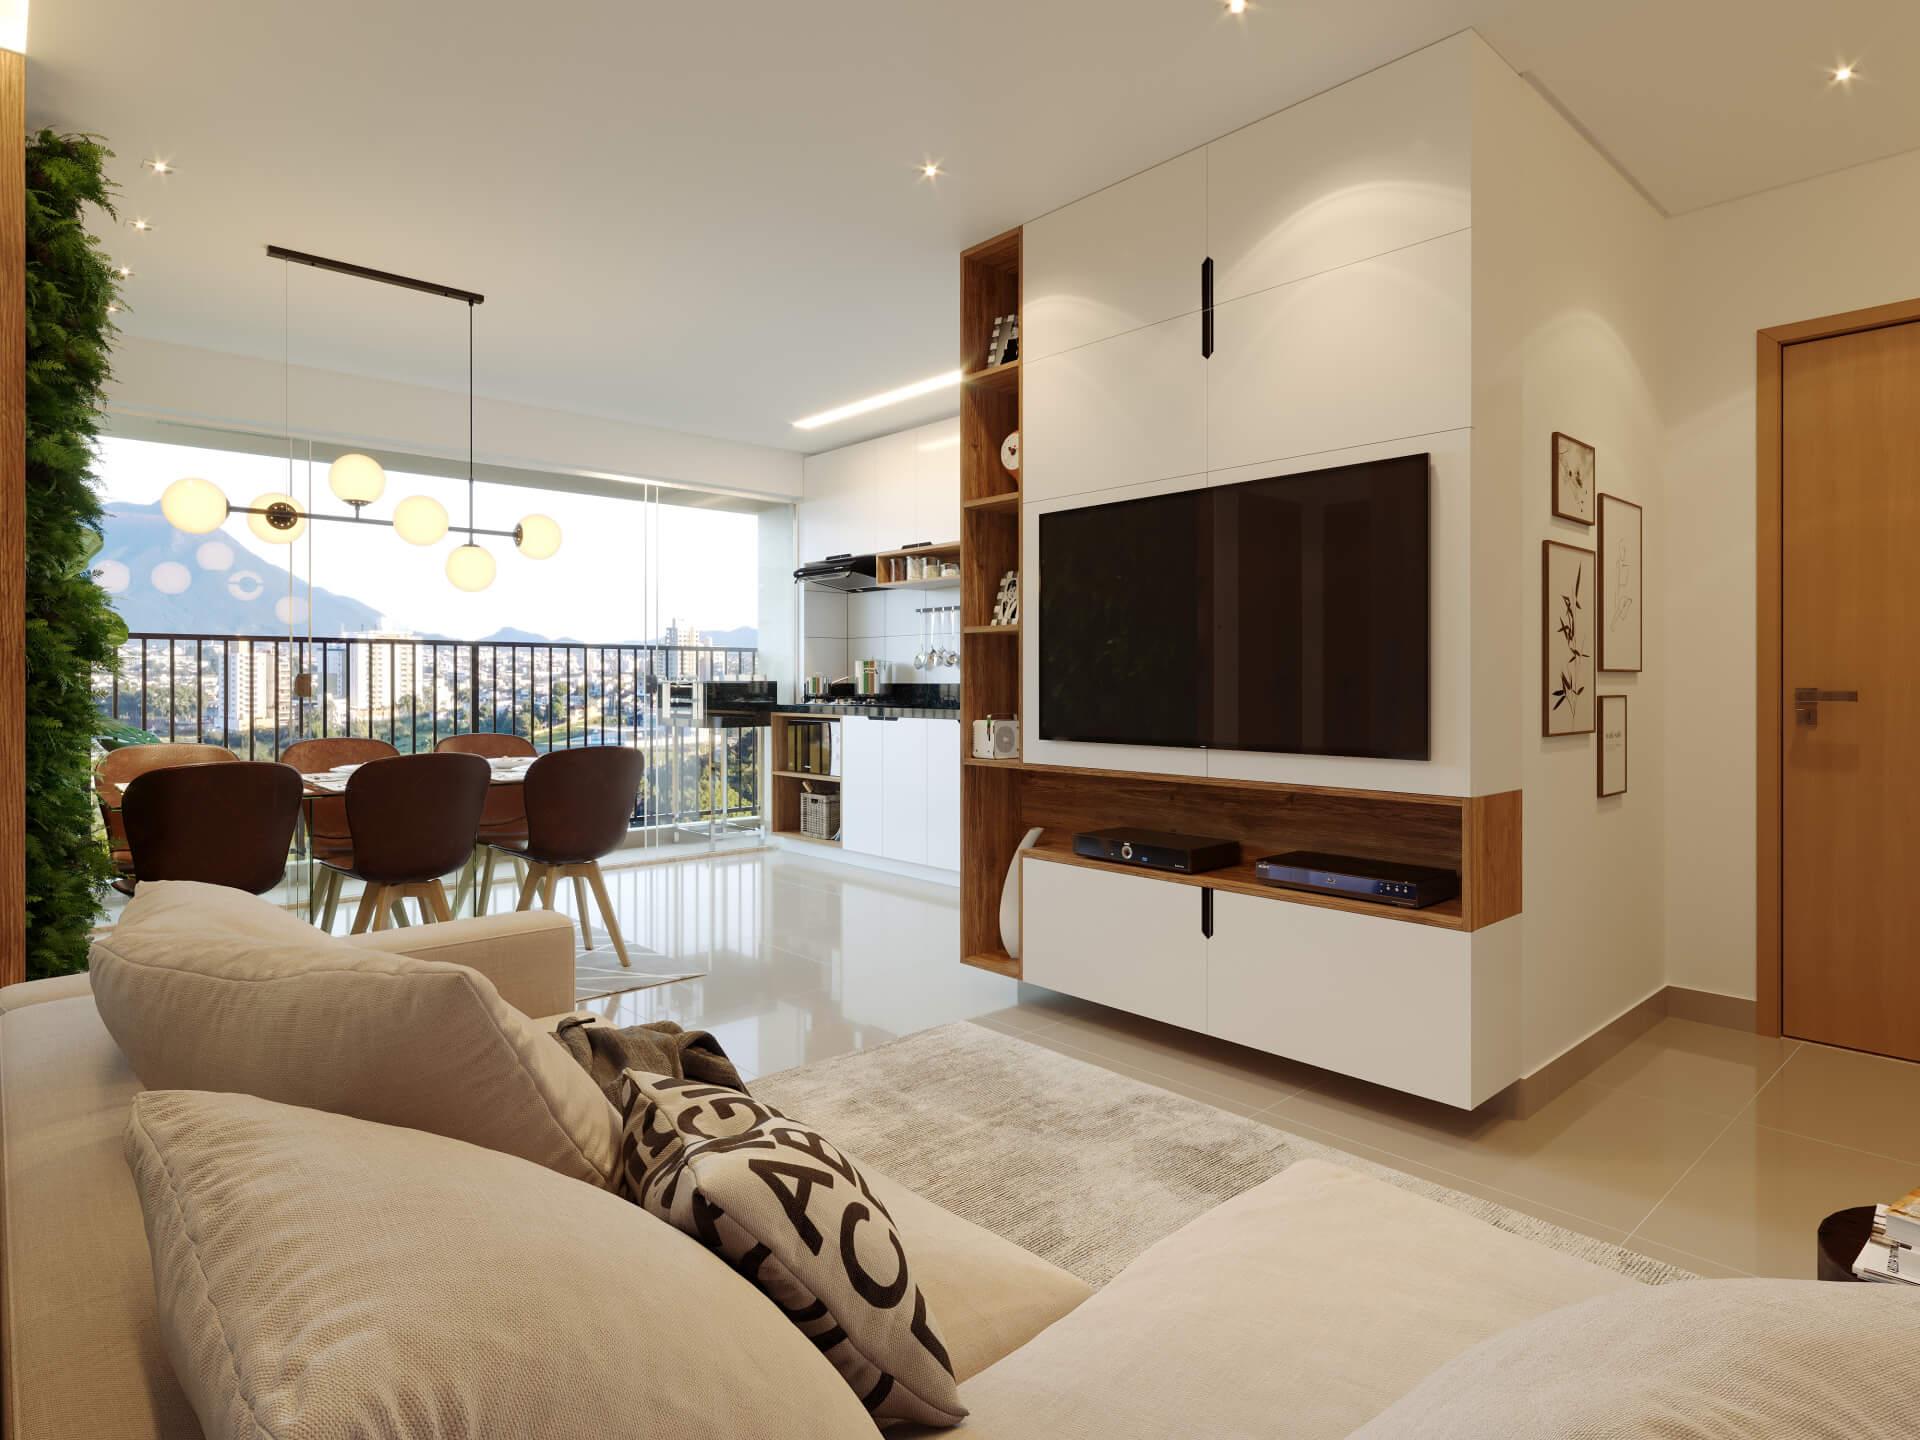 SALA do apto de 81 m².